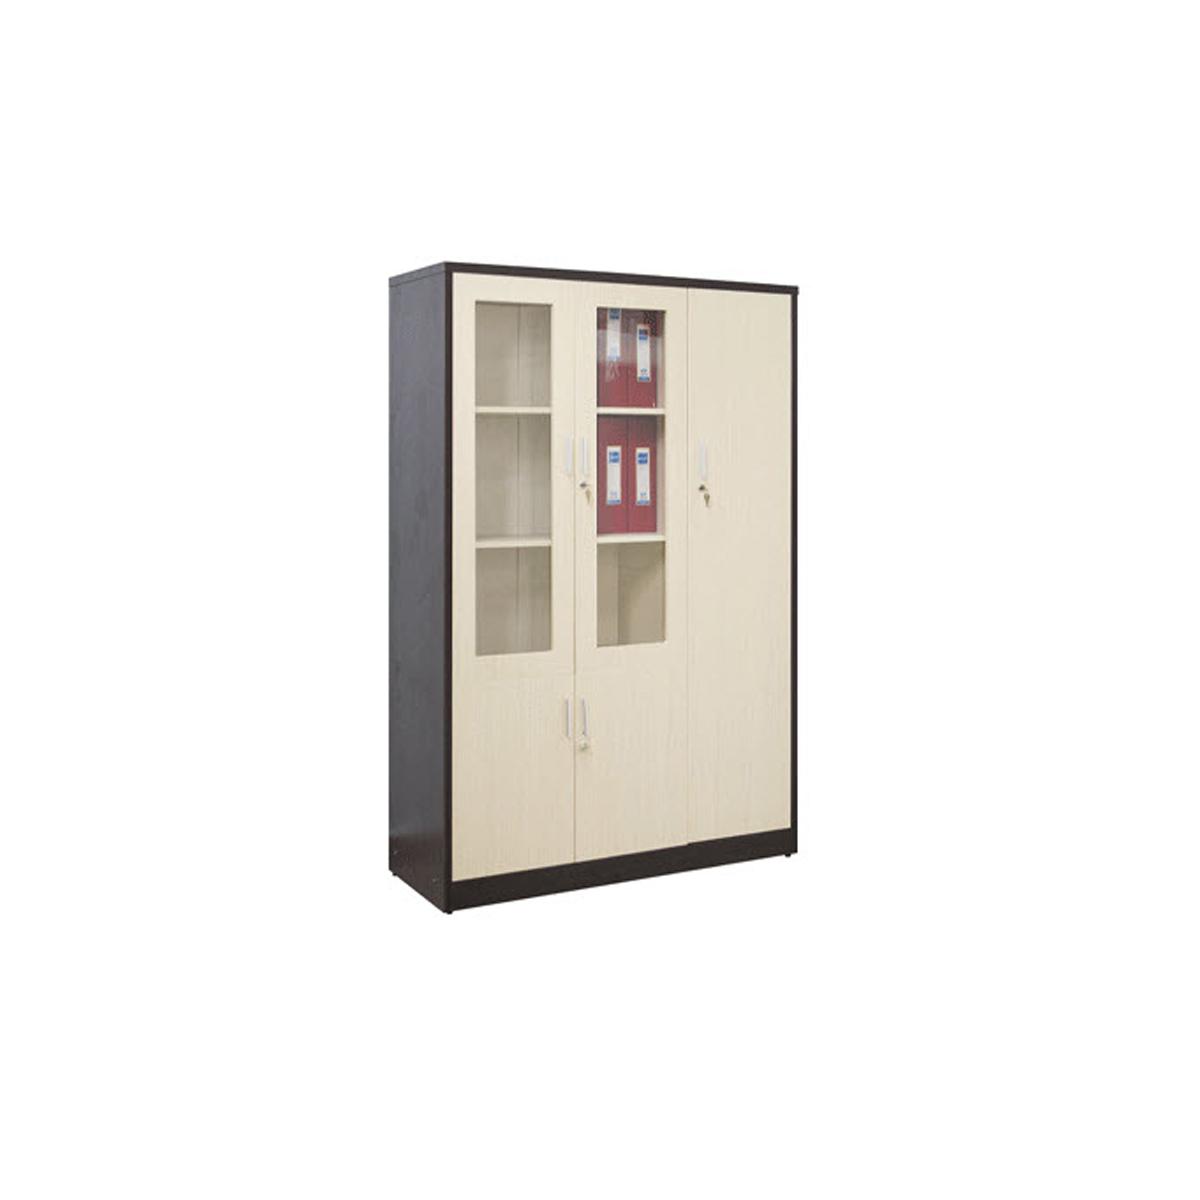 Tủ Gỗ TG-16-01